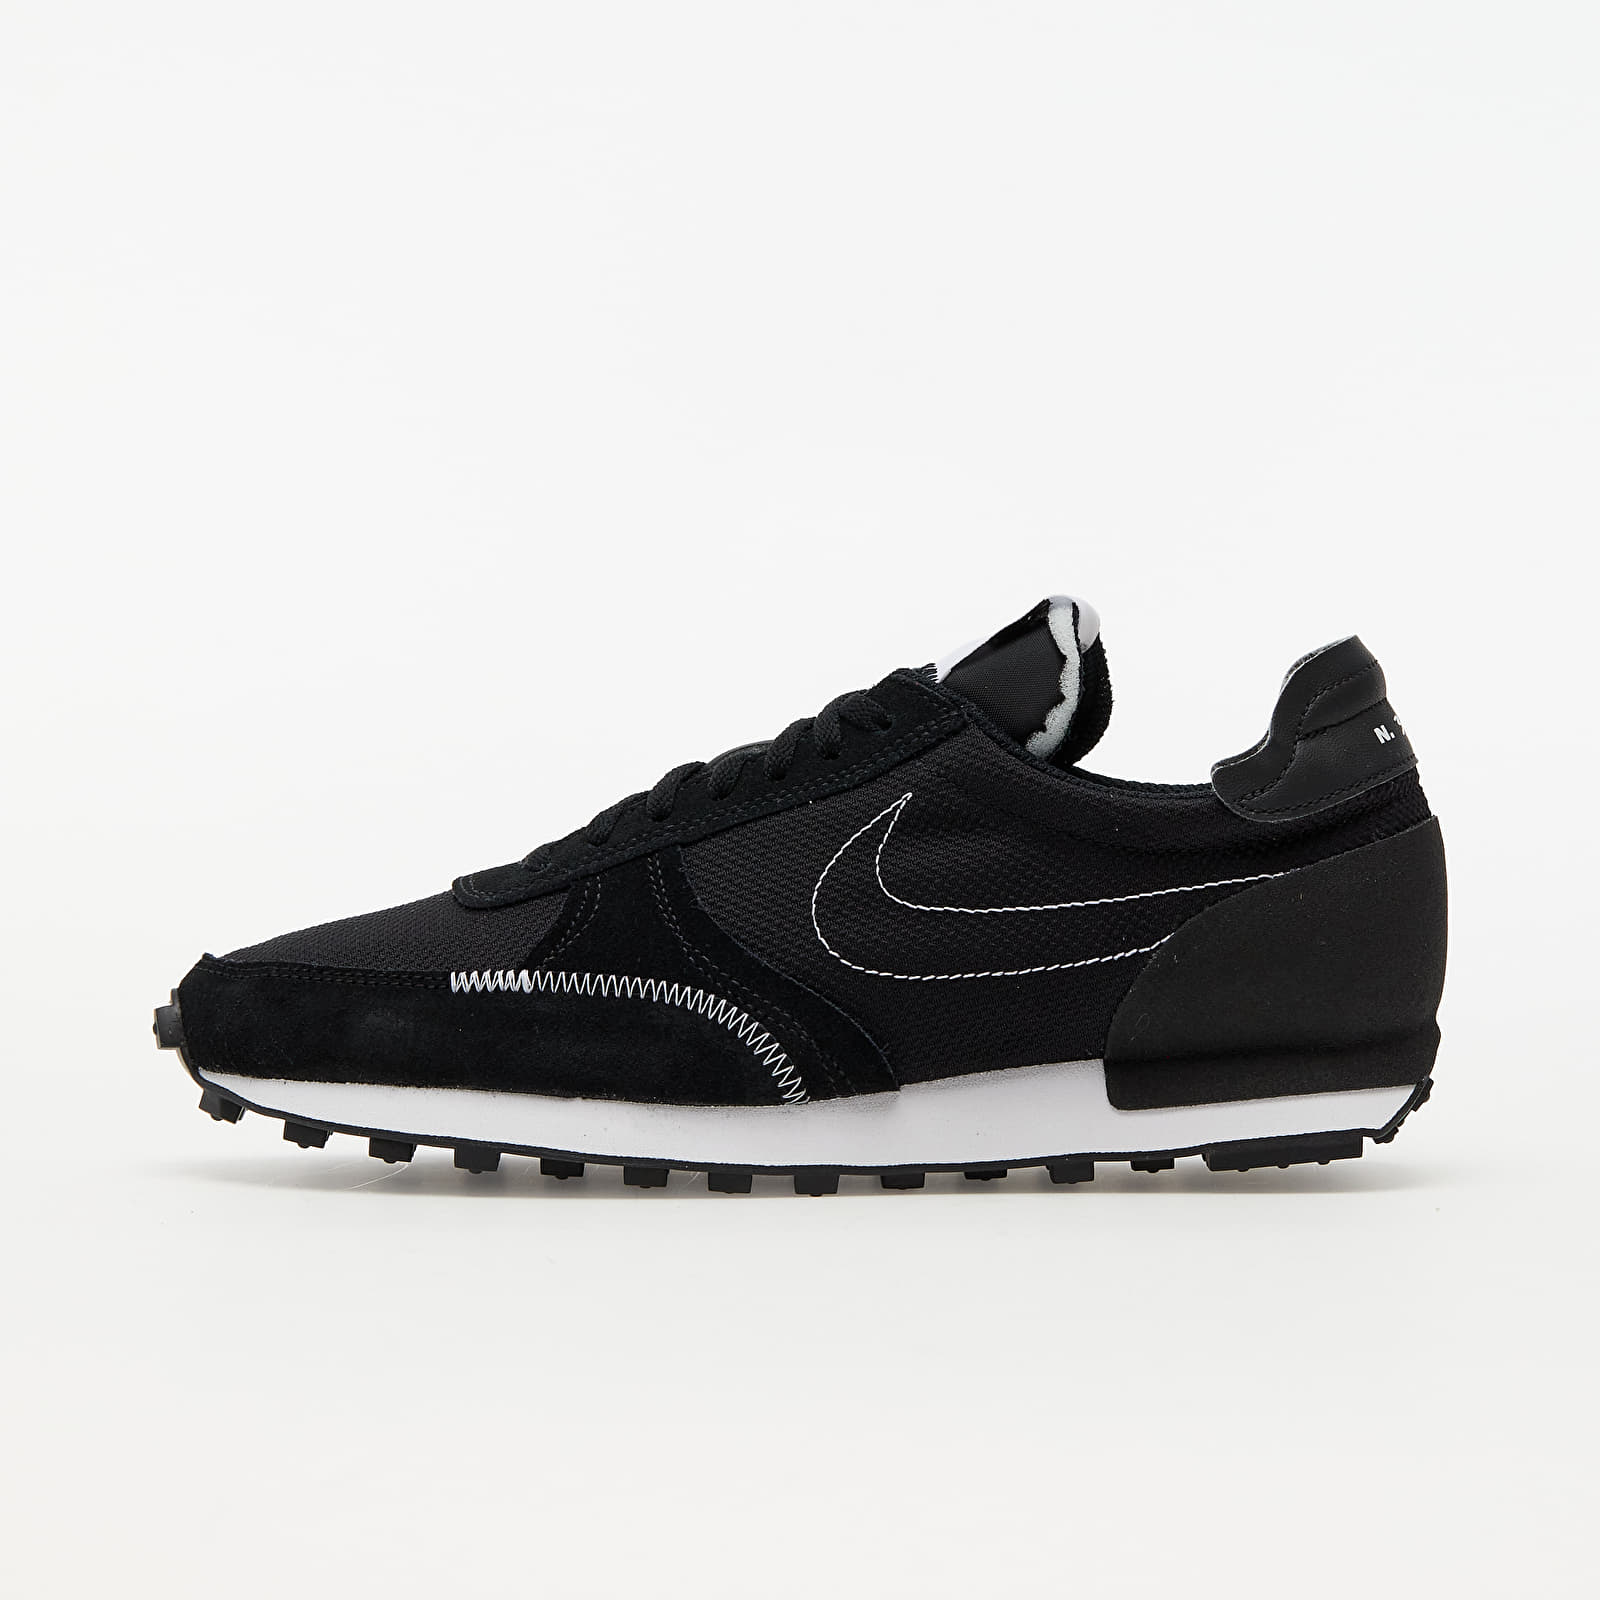 Nike Daybreak-Type Black/ White CT2556-002